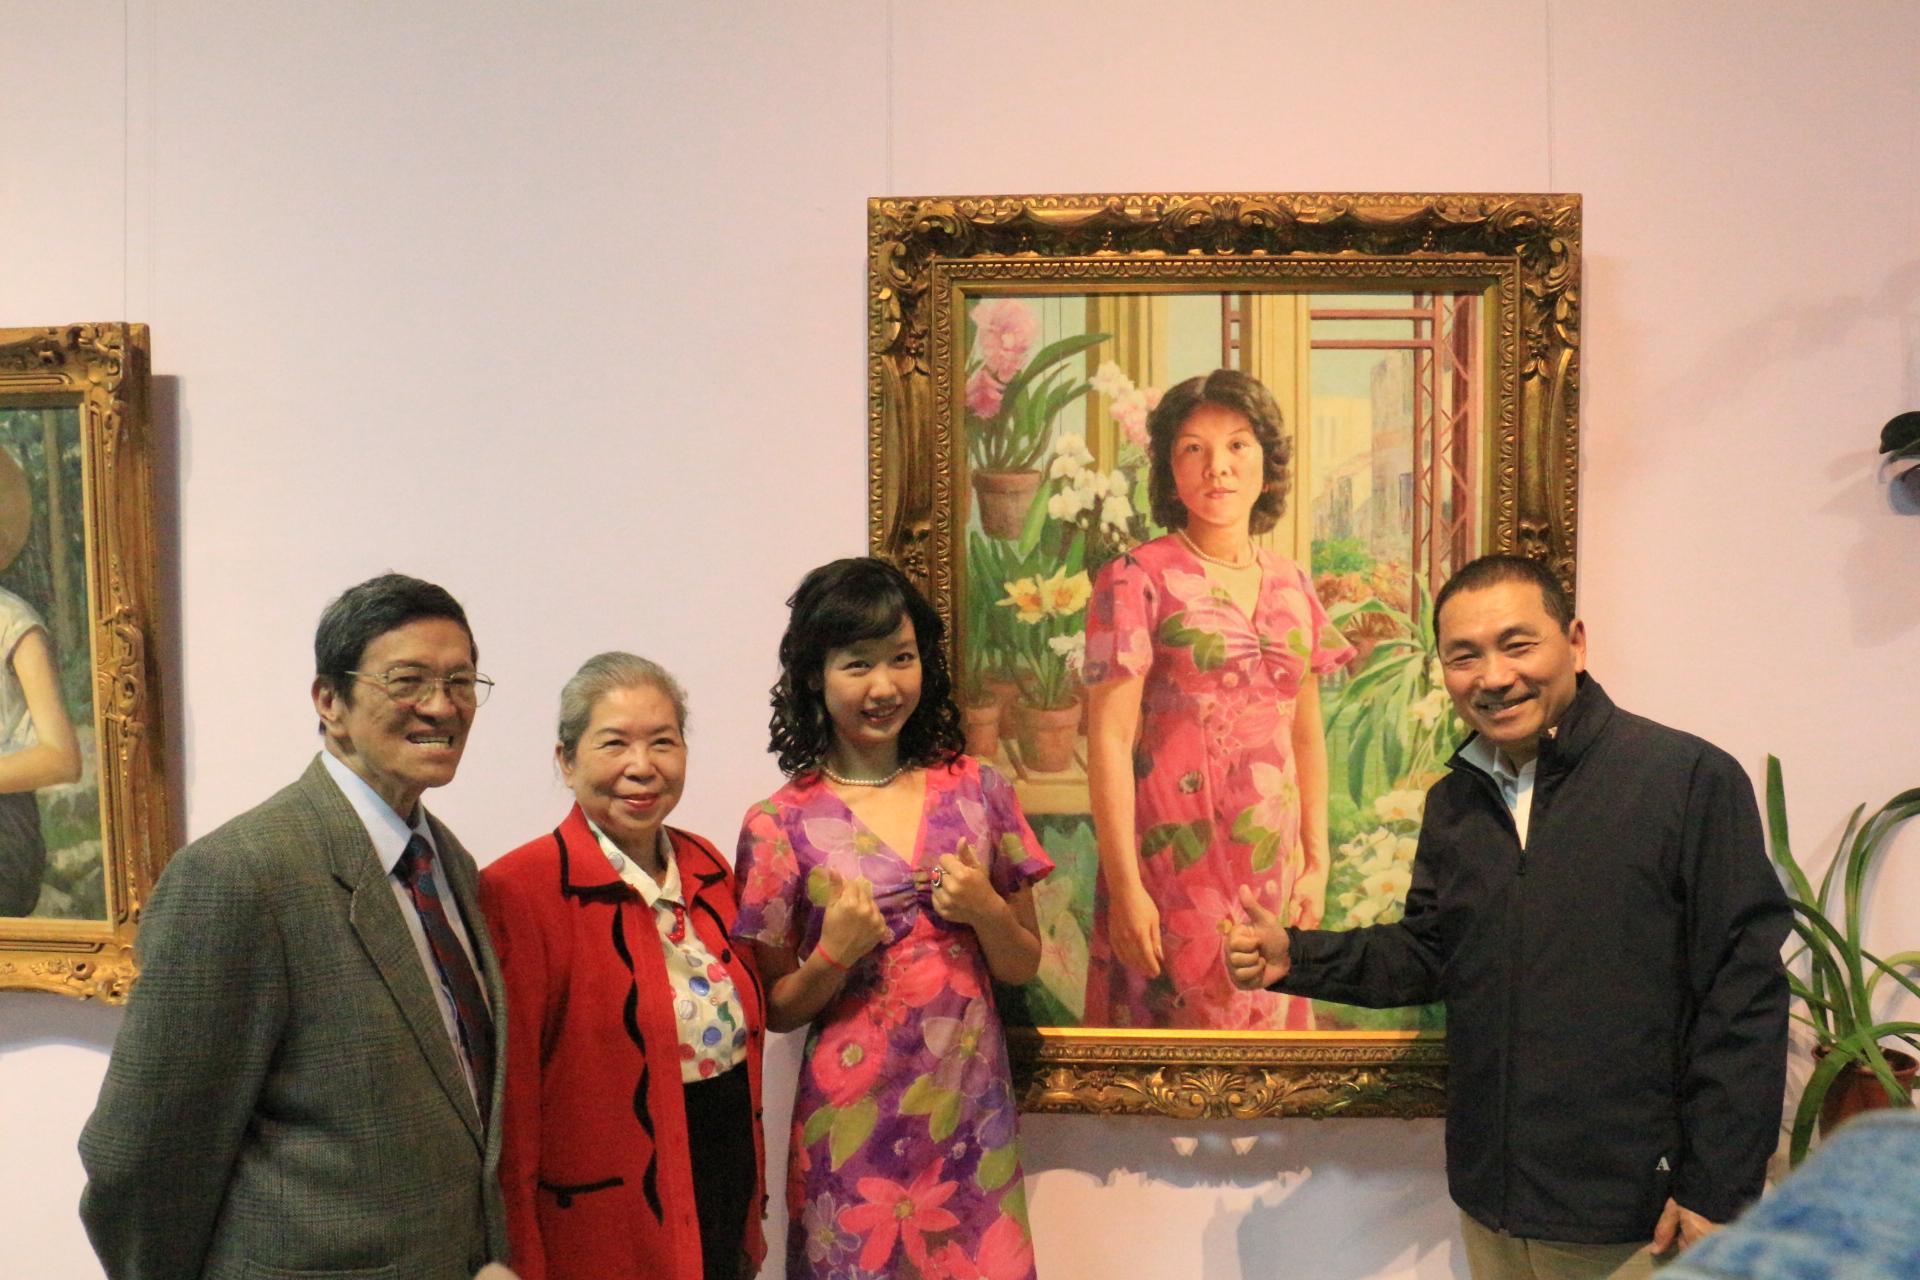 李梅樹「藝術家之眼主題展」一窺臺灣女性的千姿百態與時代精神